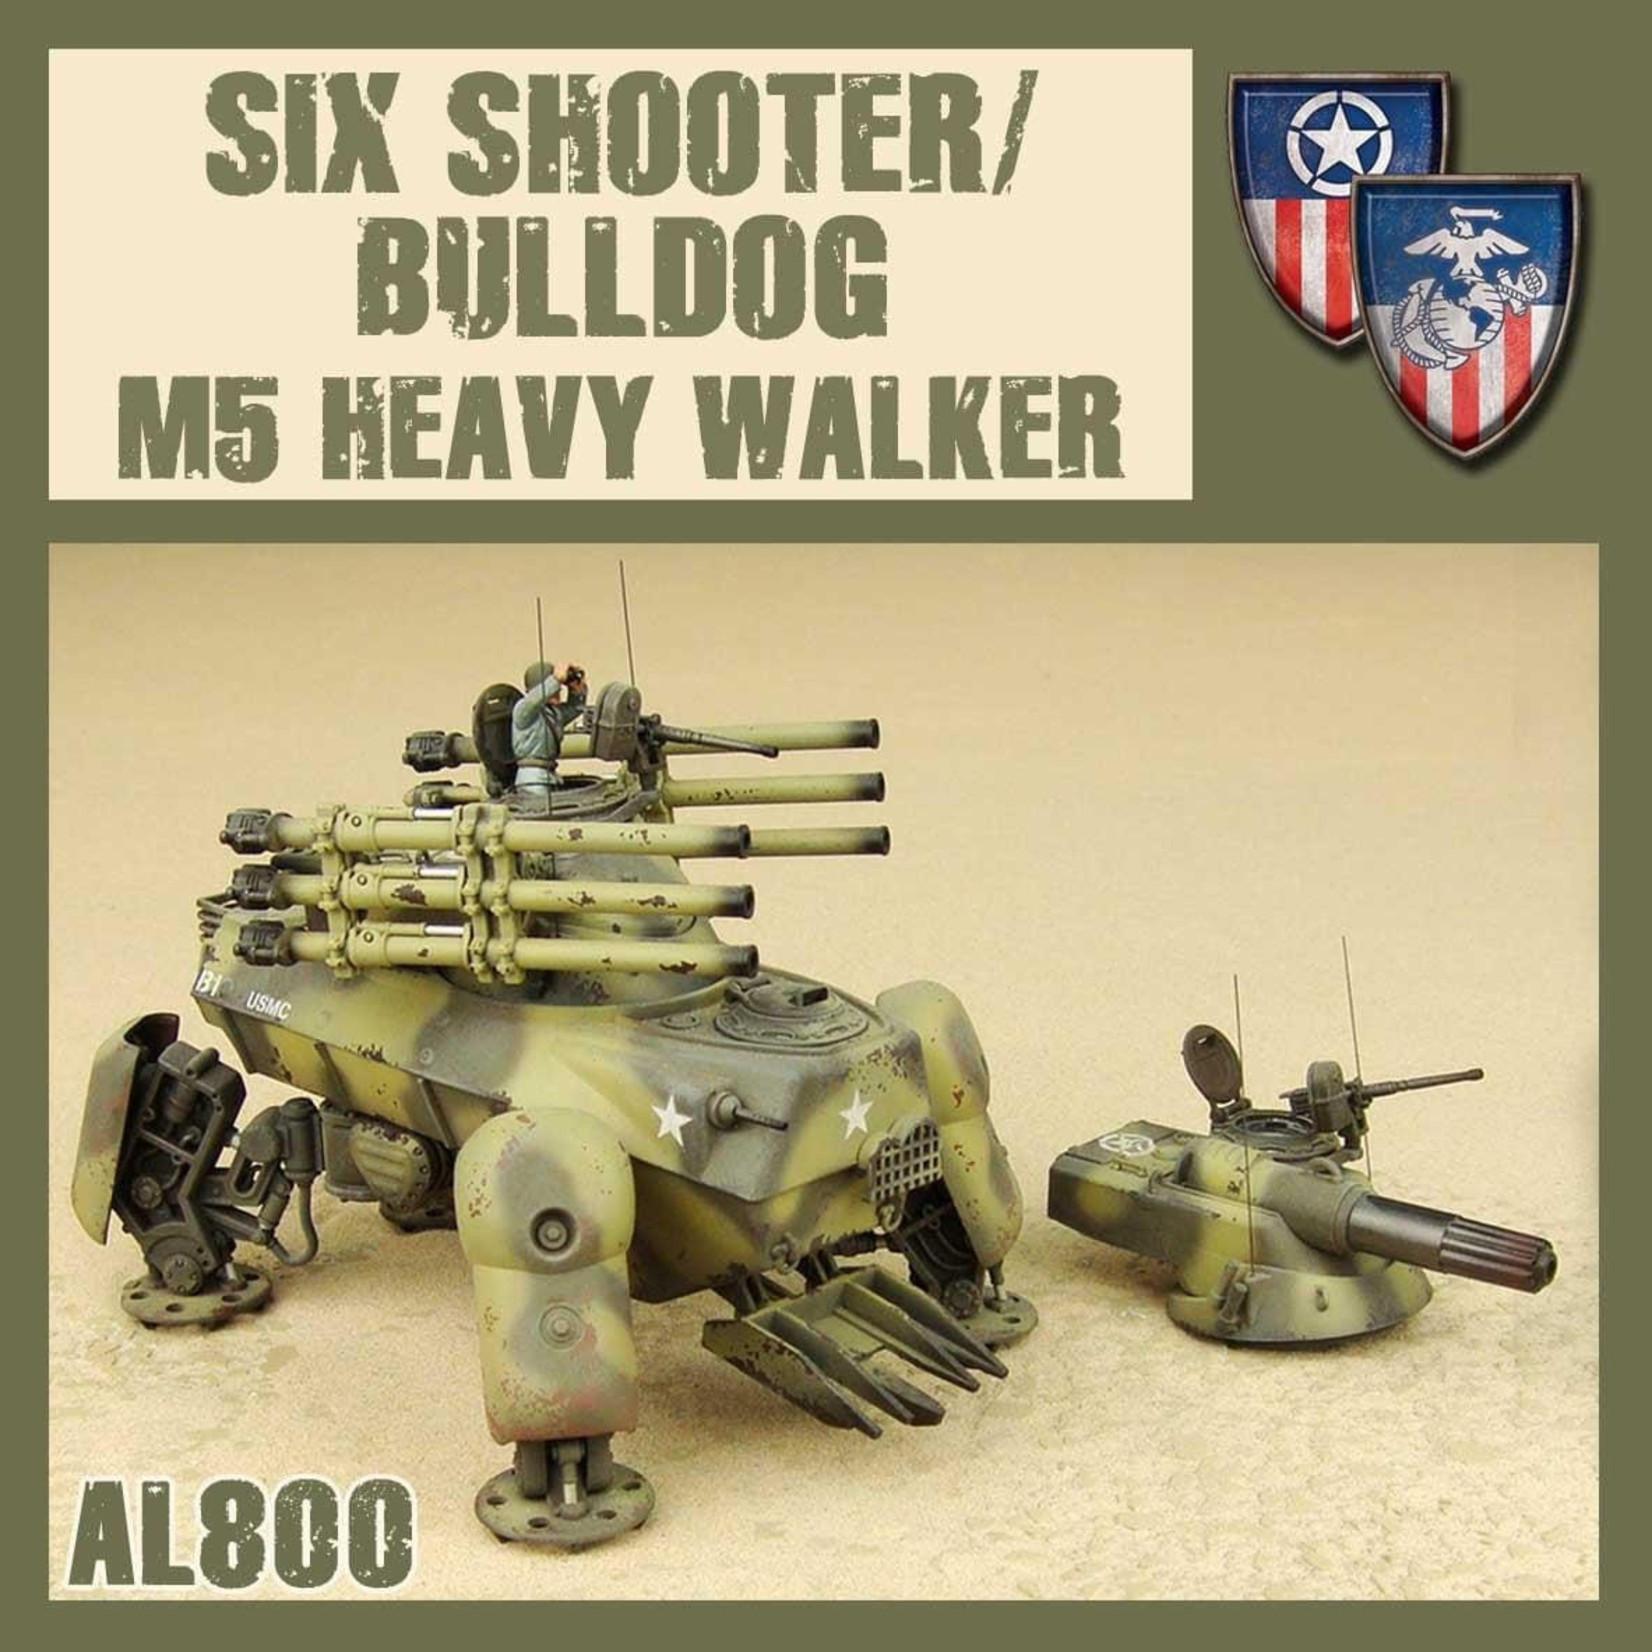 Dust Dust 1947:  Six Shooter/Bulldog M5 Heavy Walker